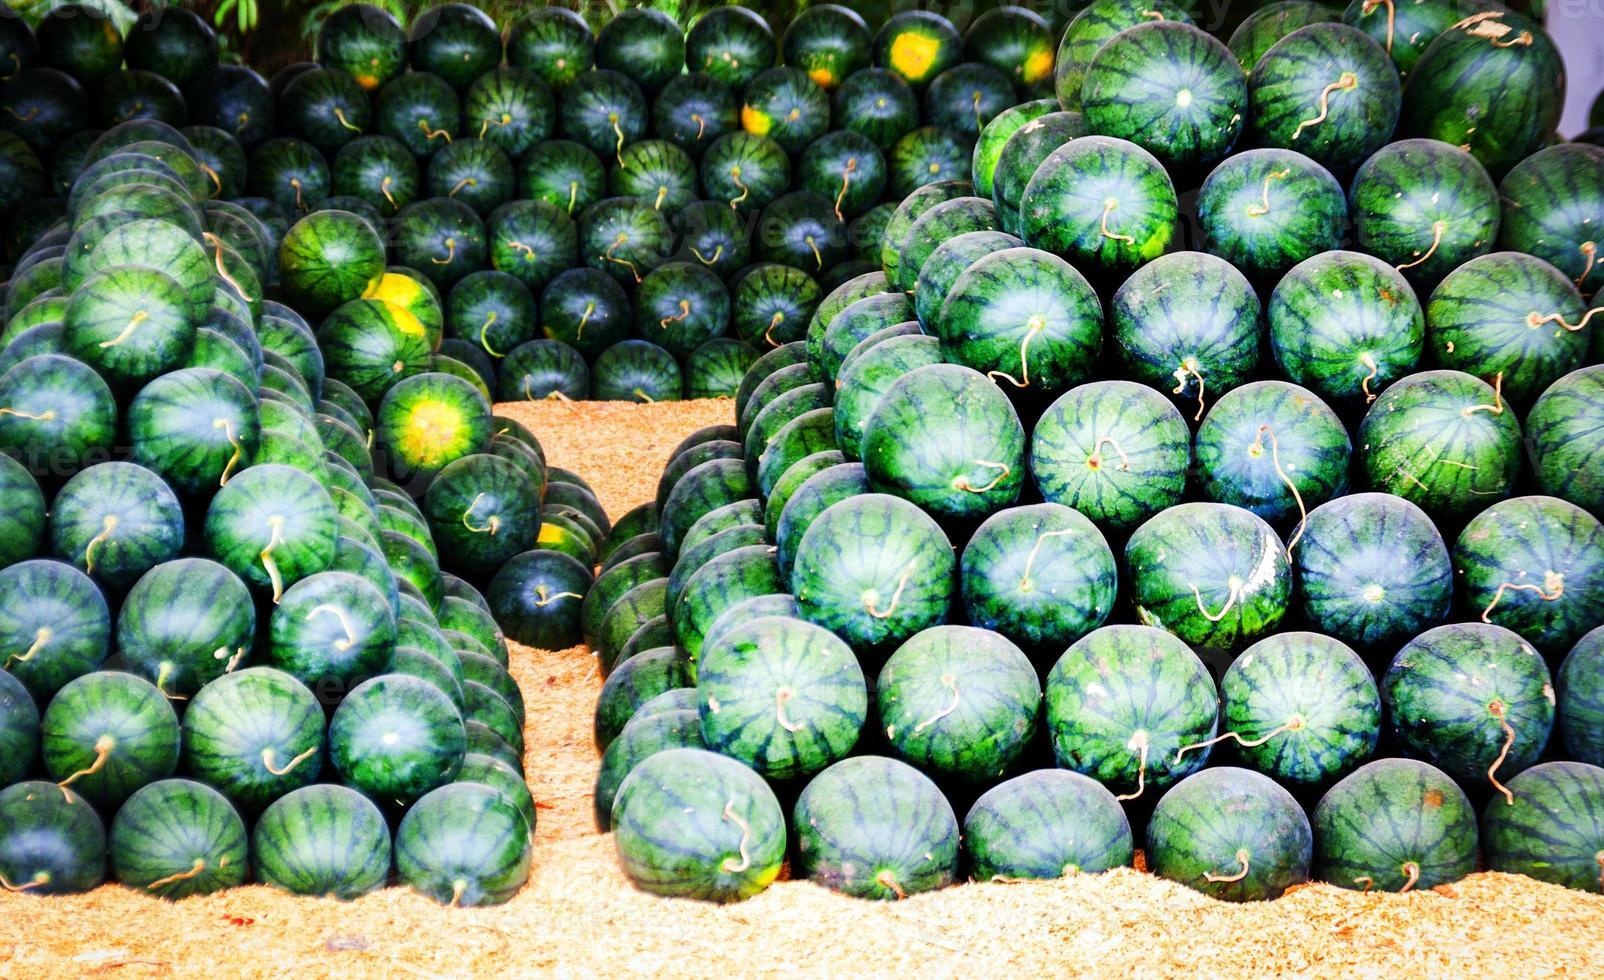 groupe de melon d'eau à vendre photo